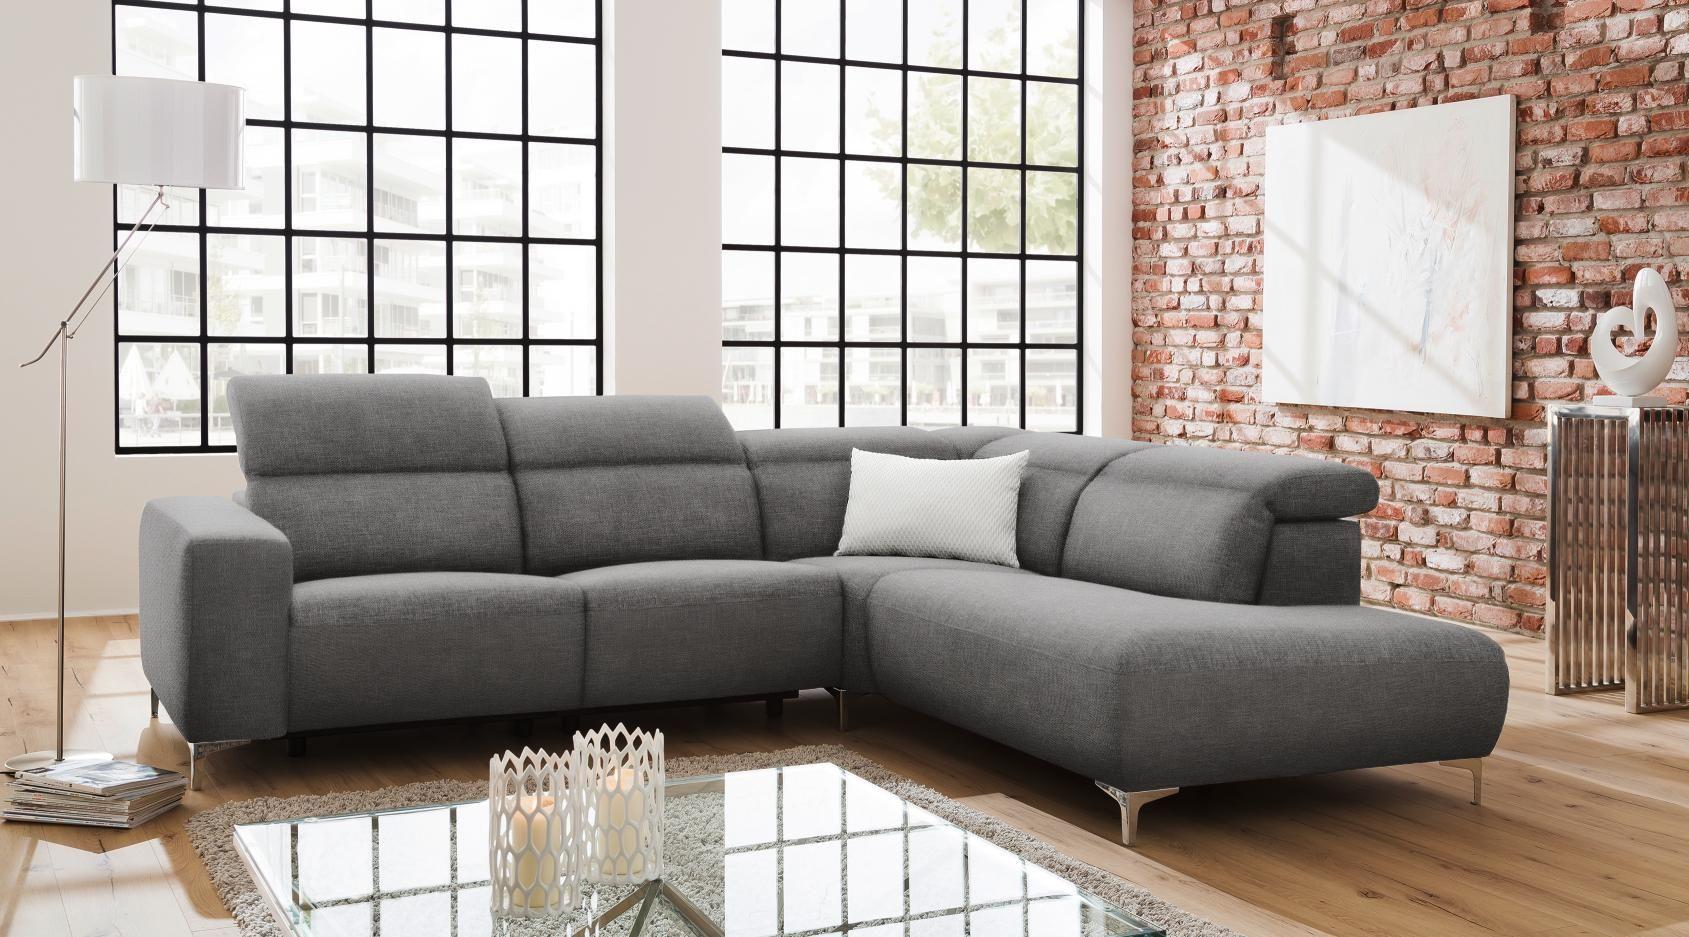 Wohnlandschaft In Grau Textil Von Pure Home Wohnen